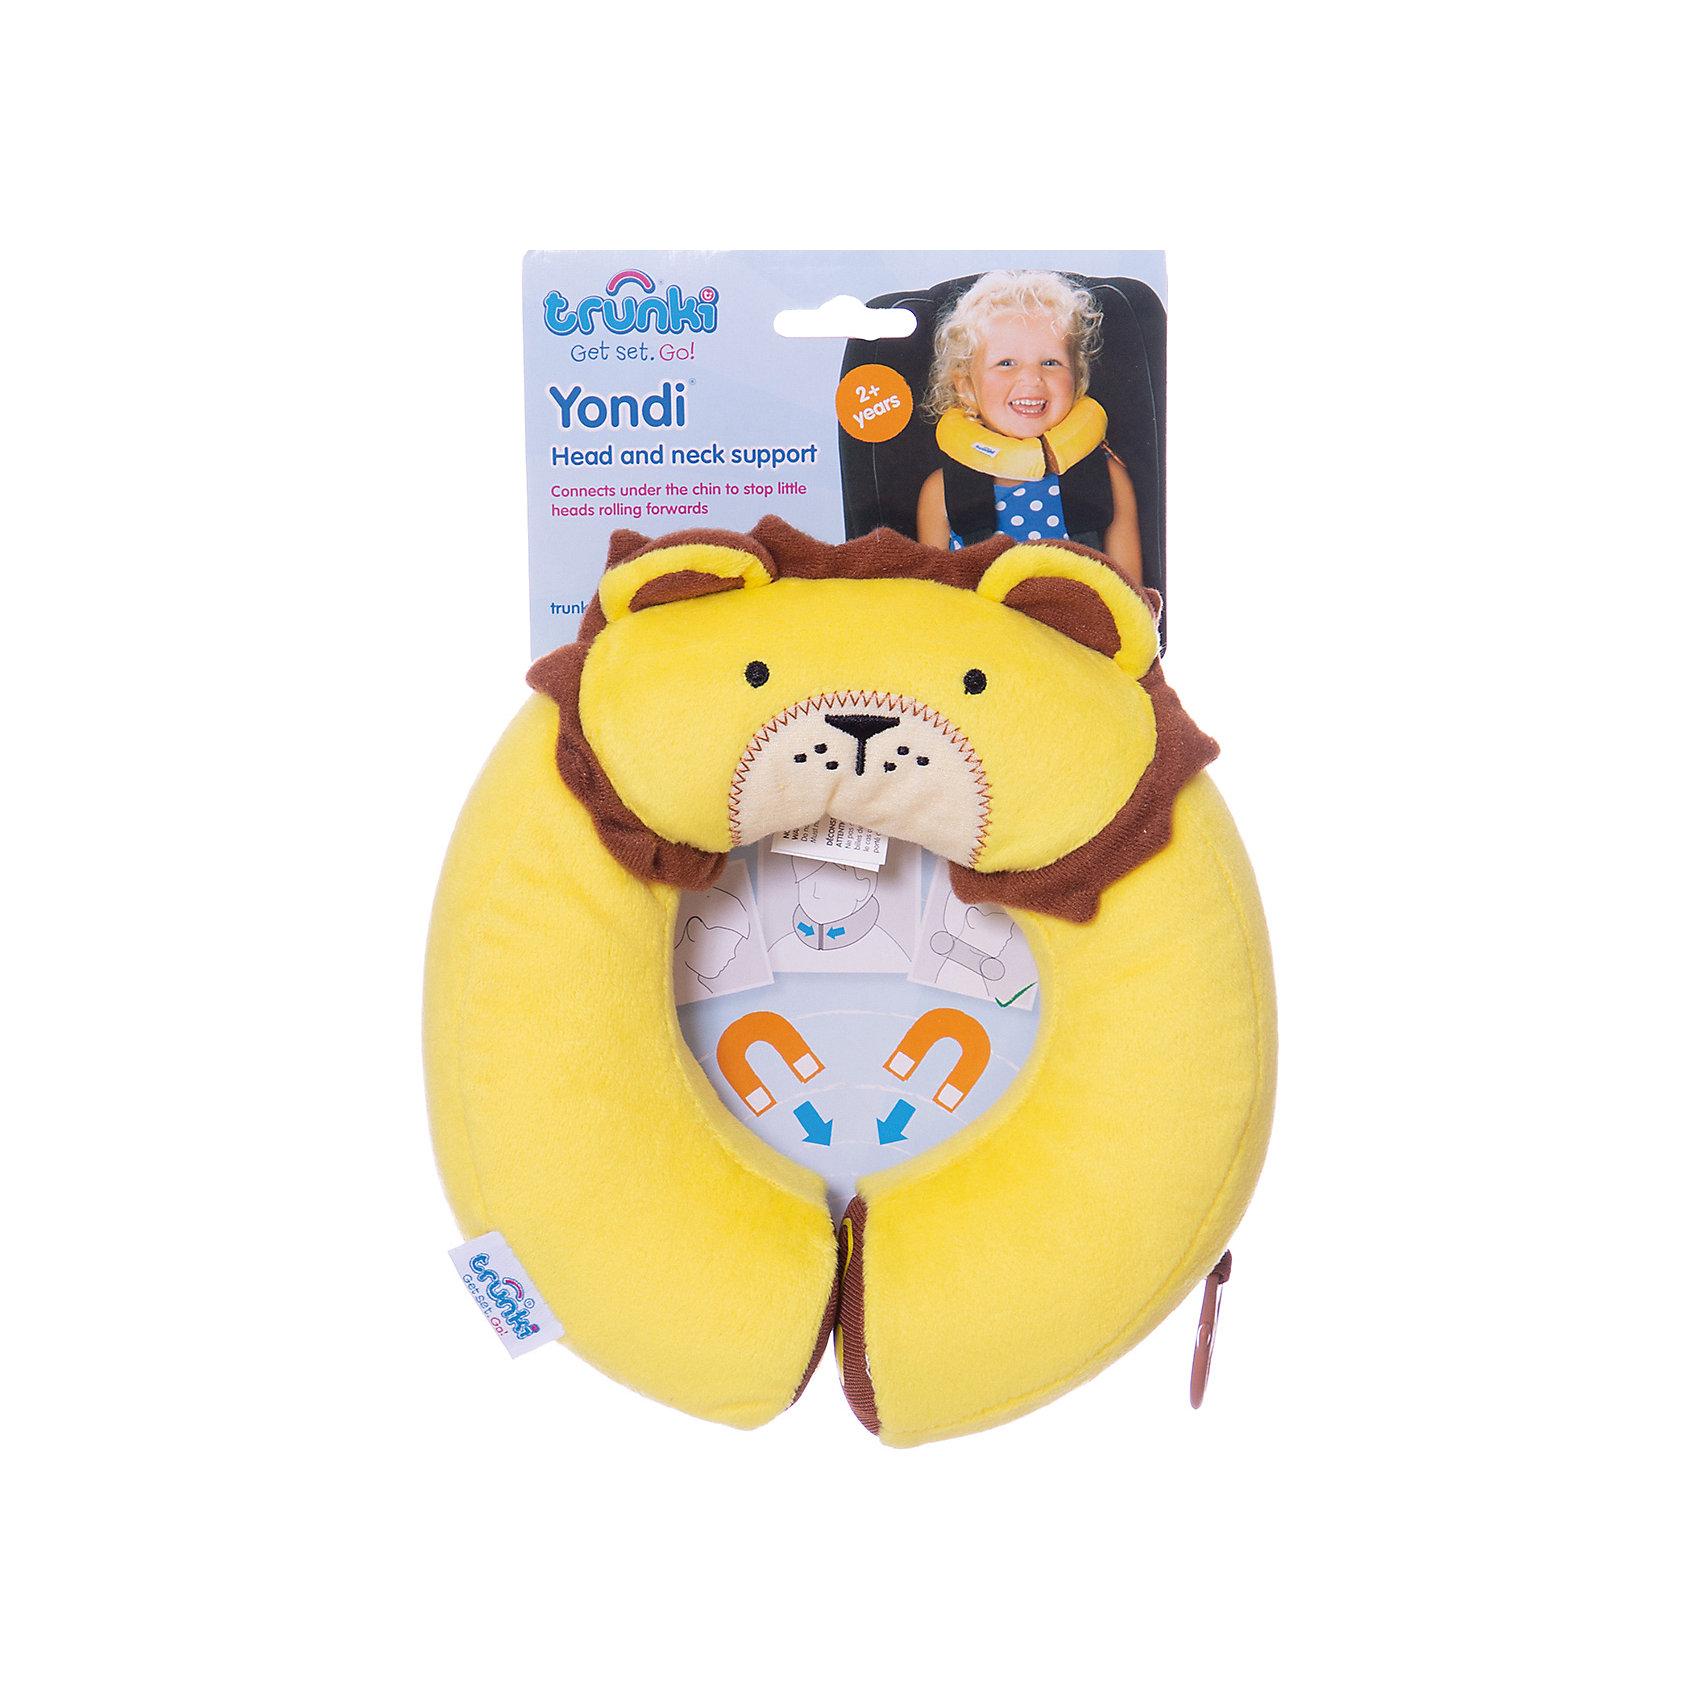 Подголовник Yondi Lion, жёлтыйАксессуары<br>Яркий подголовник Yondi Lion поможет сделать путешествие ребенка еще более приятным и комфортным. Подголовник выполнен из мягкого приятного на ощупь материала в виде забавной мордочки львенка с гривой. Специальный наполнитель поддерживает анатомическую форму и облегчает нагрузку на шею и плечевые мышцы малыша. Под подбородком подголовник соединяется скрытыми магнитами, которые позволяют зафиксировать голову ребенка для более комфортного отдыха и сна. С помощью универсального держателя Trunki Grip Вы можете закрепить одеяло или плед, а также повесить солнцезащитные детские очки. Подголовник соответствует международным стандартам безопасности: CE и ASTM. Возможно использование с детскими автокреслами.<br><br>Дополнительная информация:<br><br>- Материал: текстиль. <br>- Внутренний диаметр подголовника: 10 см. (окружность 28 см.).<br>- Внешний диаметр: 20 см.<br>- Размер упаковки: 22 х 20 х 5 см.<br>- Вес: 100 гр.<br><br>Подголовник Yondi Lion, желтый, Trunki, можно купить в нашем интернет-магазине.<br><br>Ширина мм: 220<br>Глубина мм: 200<br>Высота мм: 50<br>Вес г: 100<br>Возраст от месяцев: 36<br>Возраст до месяцев: 60<br>Пол: Унисекс<br>Возраст: Детский<br>SKU: 4660577